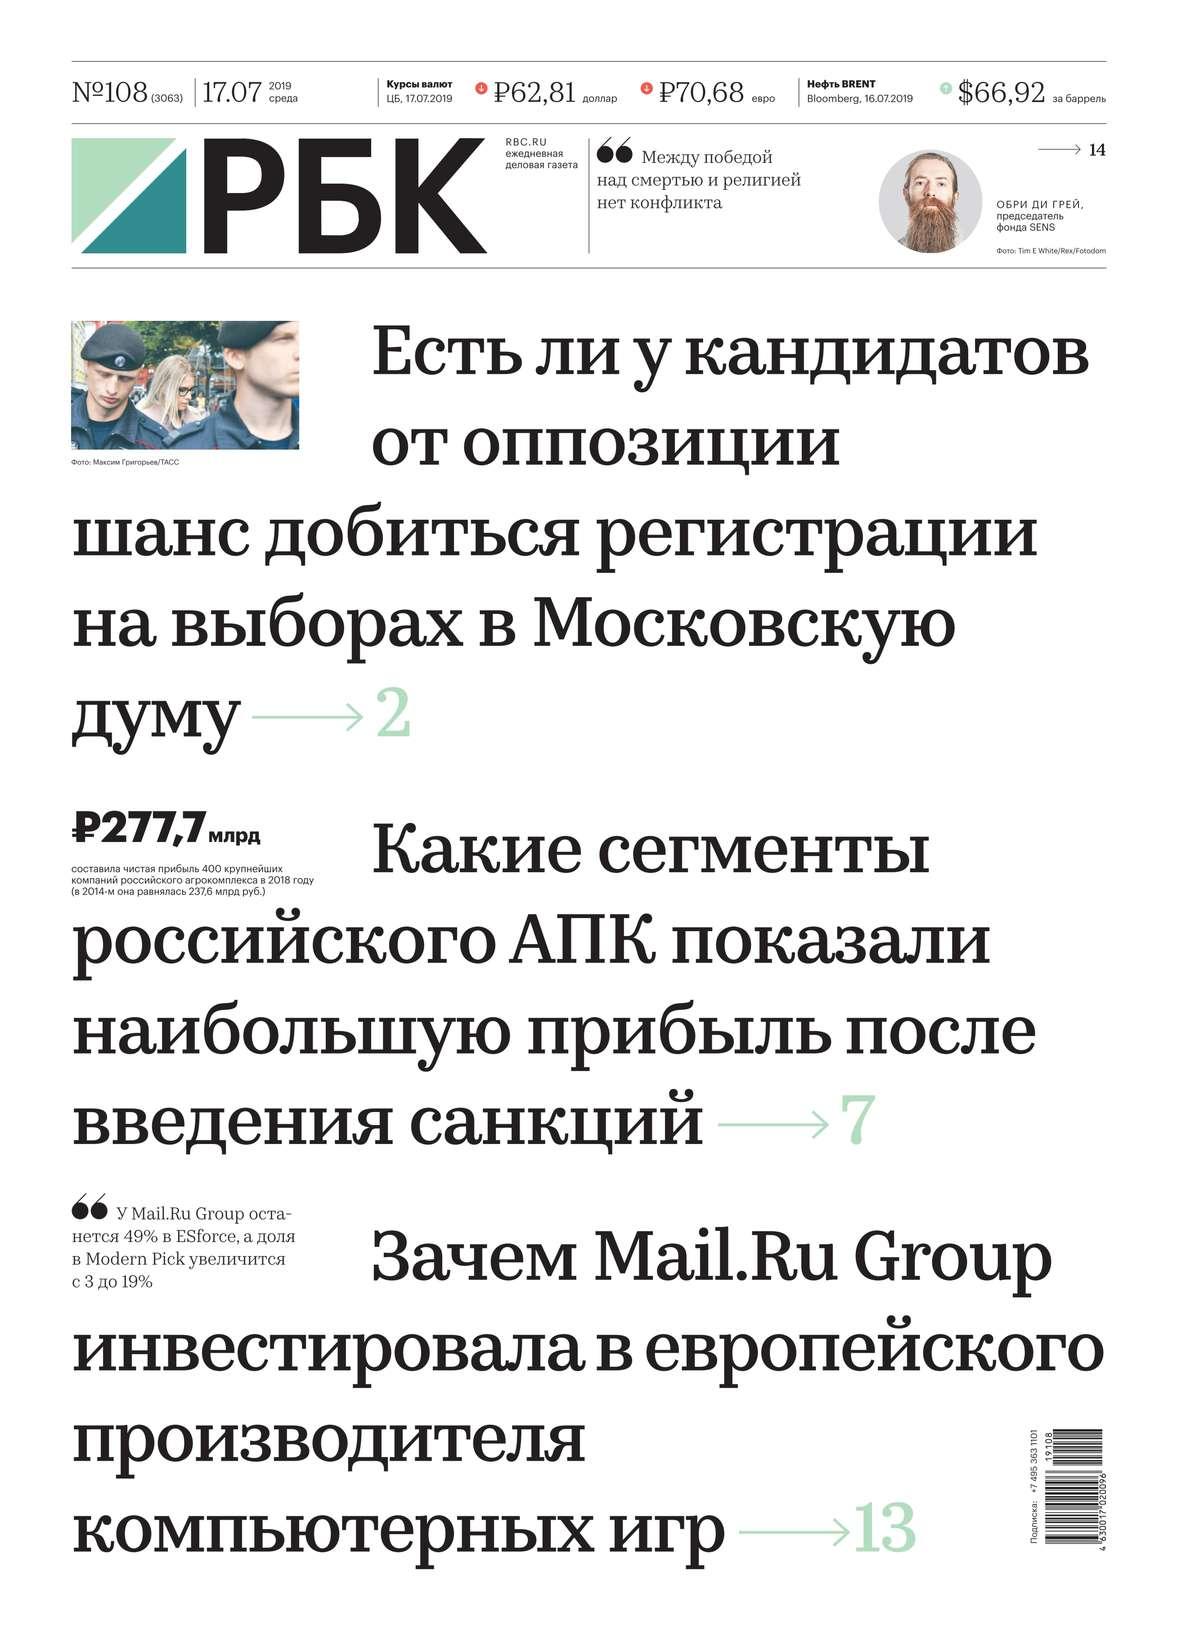 Ежедневная Деловая Газета Рбк 108-2019